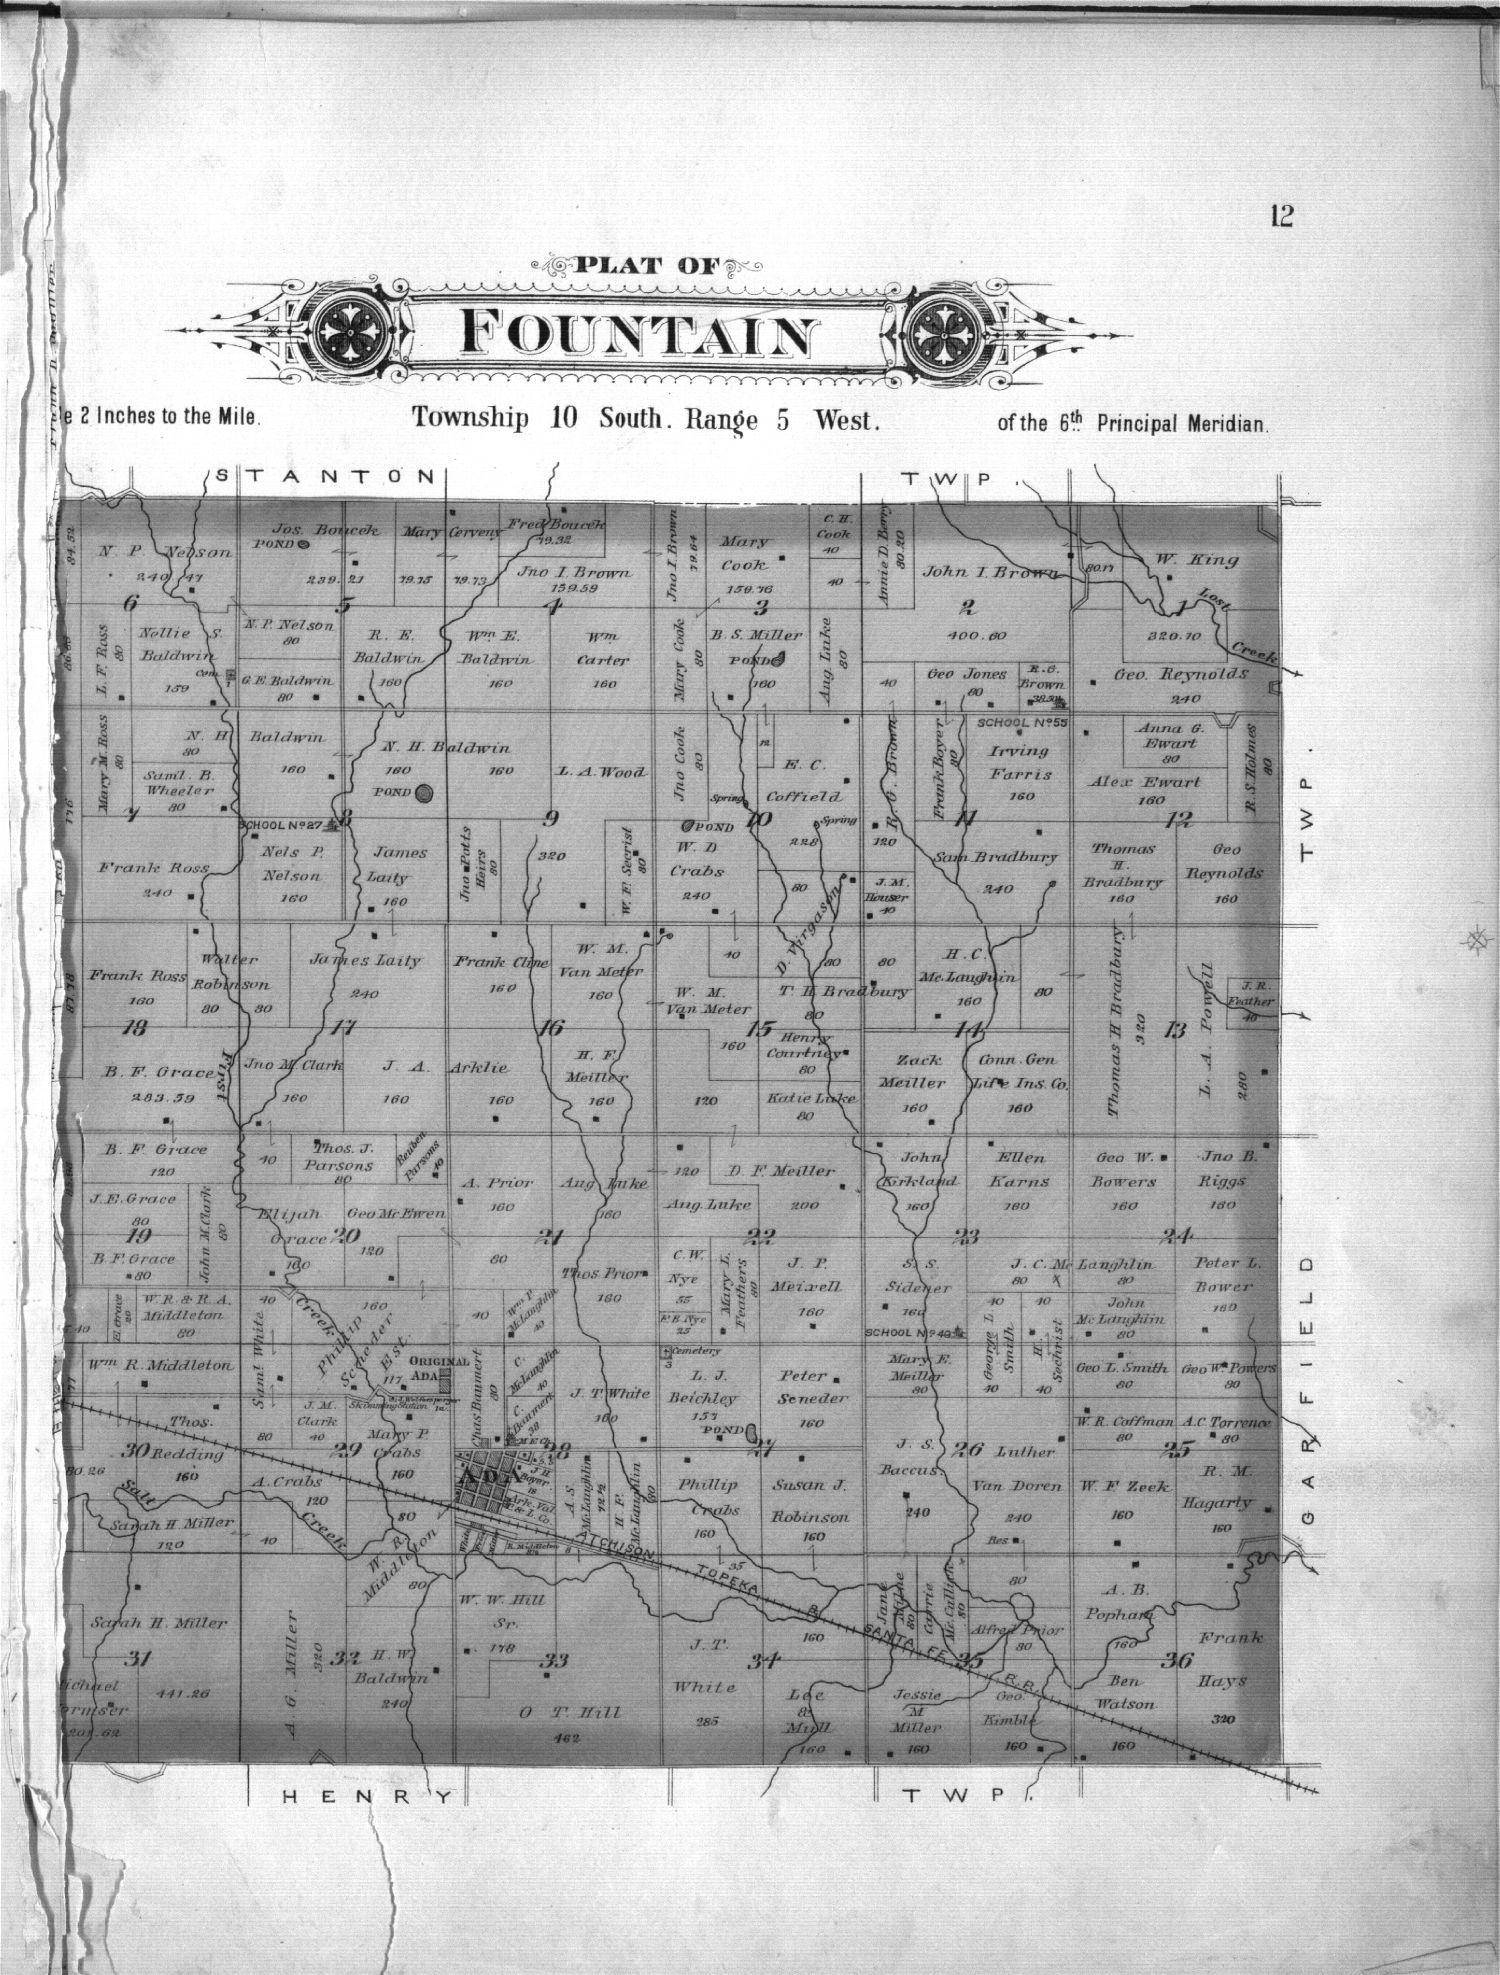 Plat book of Ottawa County, Kansas - 12